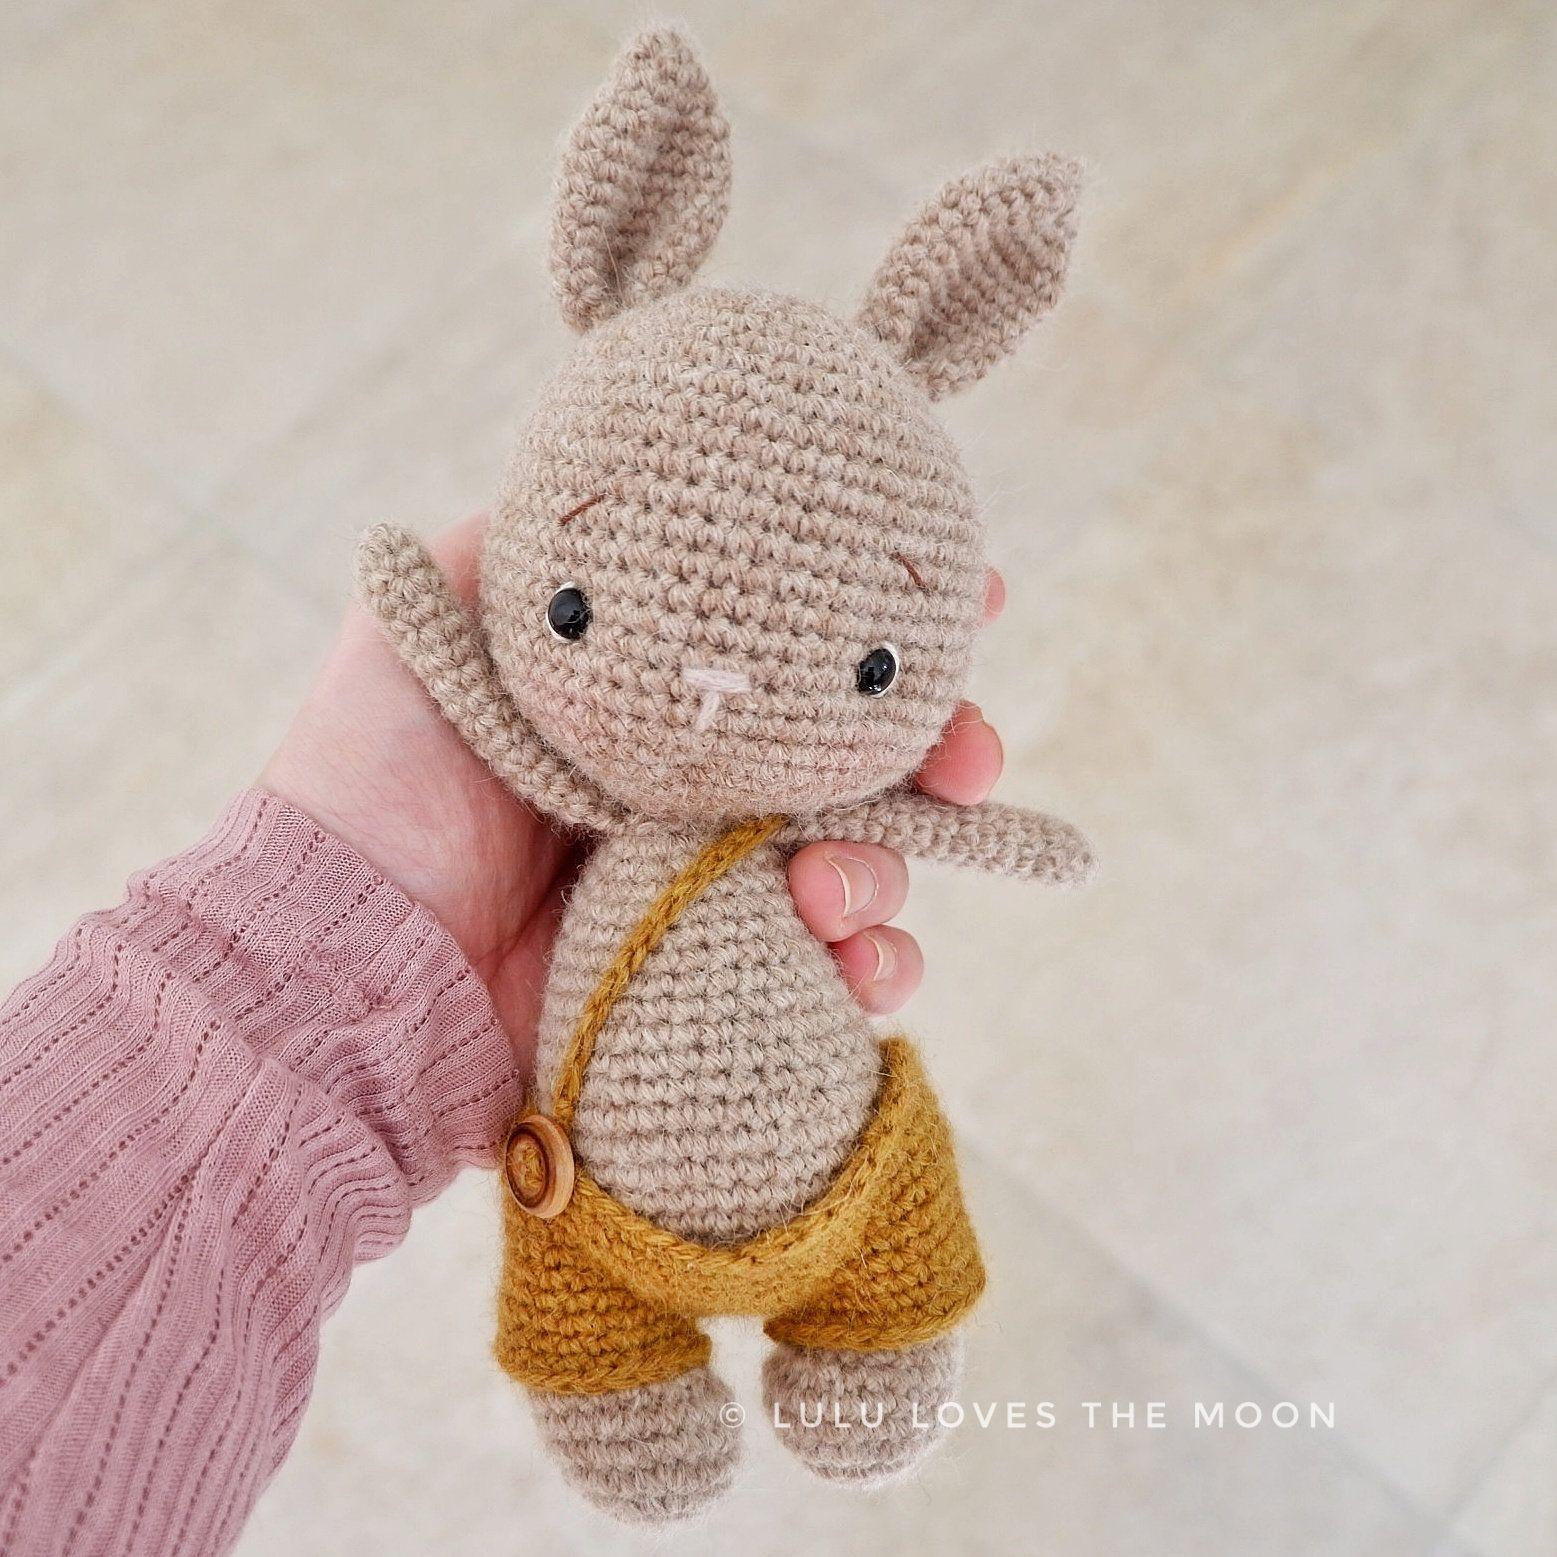 Pretty Bunny with floppy ears - Crochet Pattern | Hase häkeln ... | 1557x1557